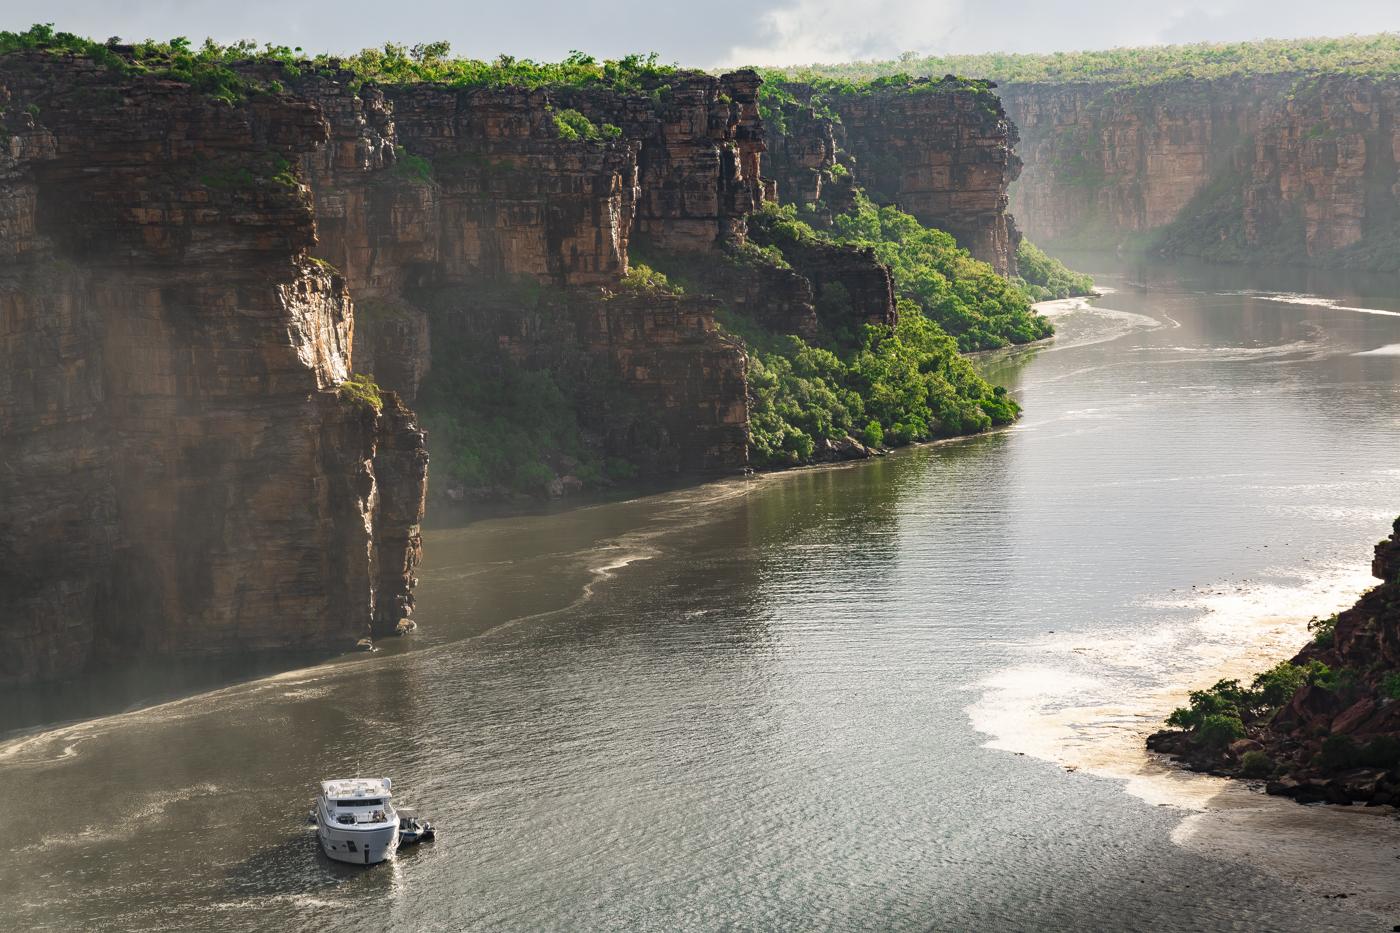 King George River, pic by Landi Bradshaw